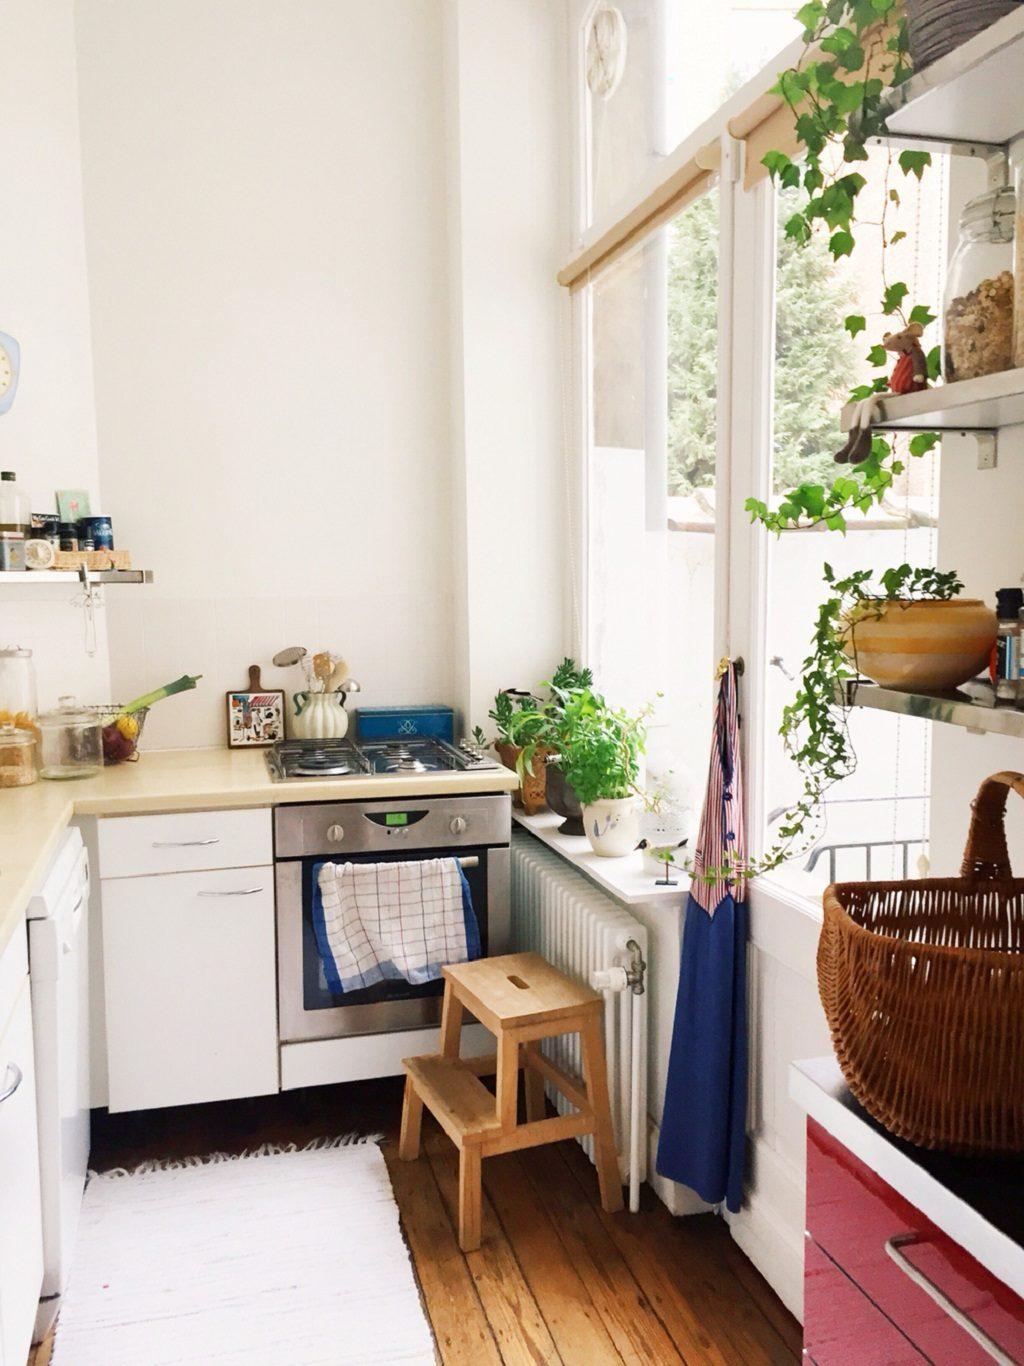 10 xu hướng thiết kế phòng bếp đẹp ấn tượng và mới nhất - 21